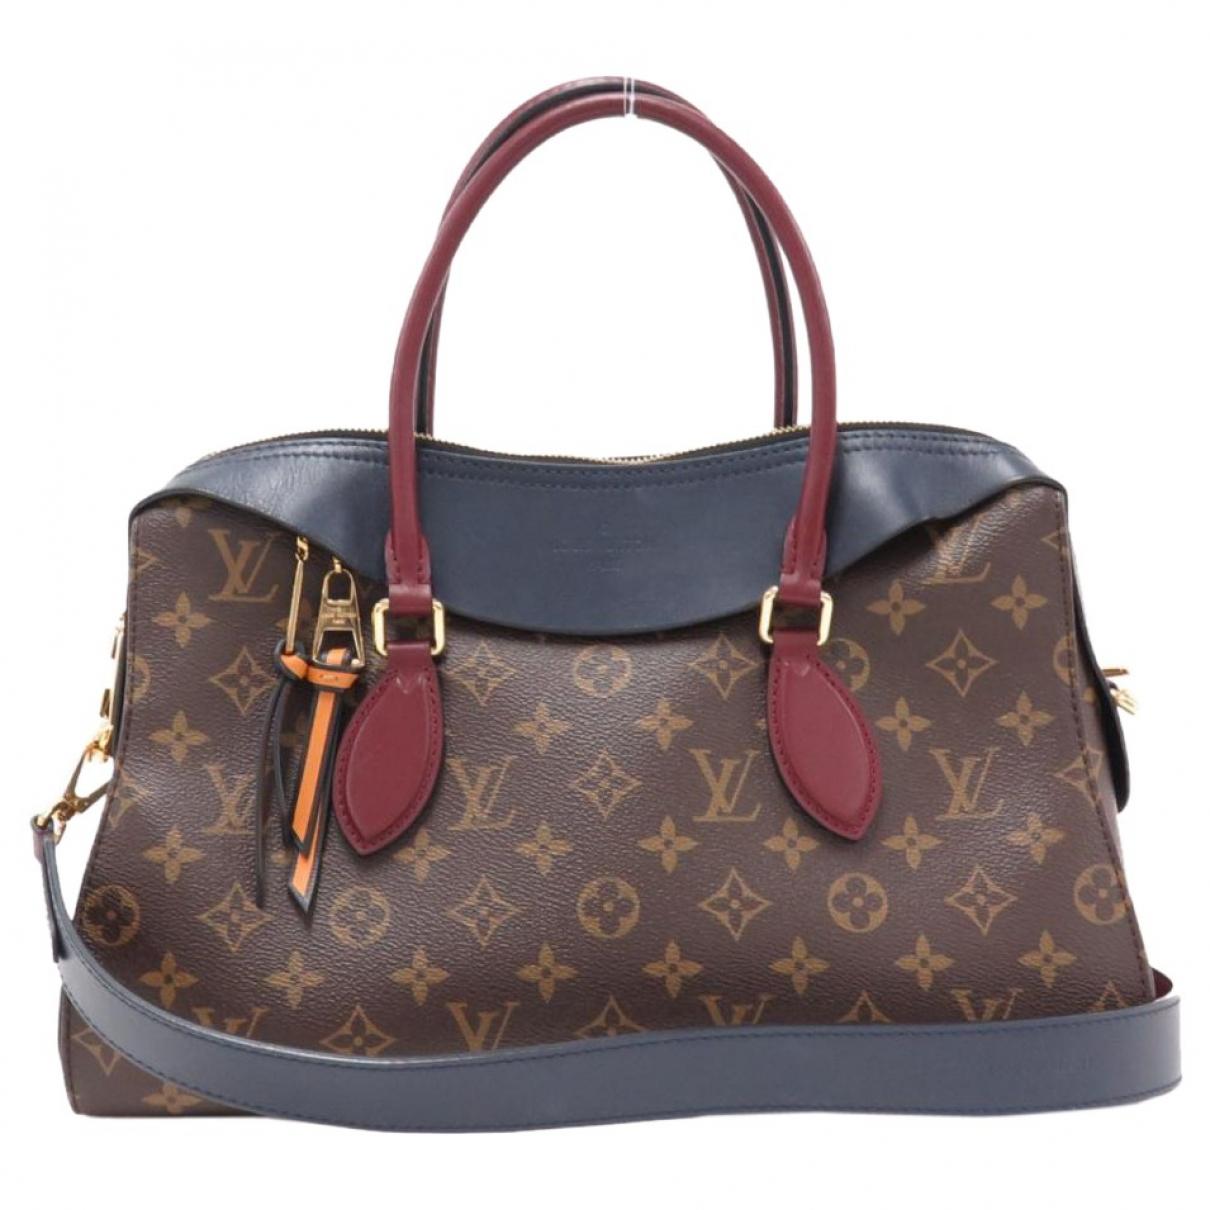 Louis Vuitton - Sac a main Tuileries pour femme en toile - marron